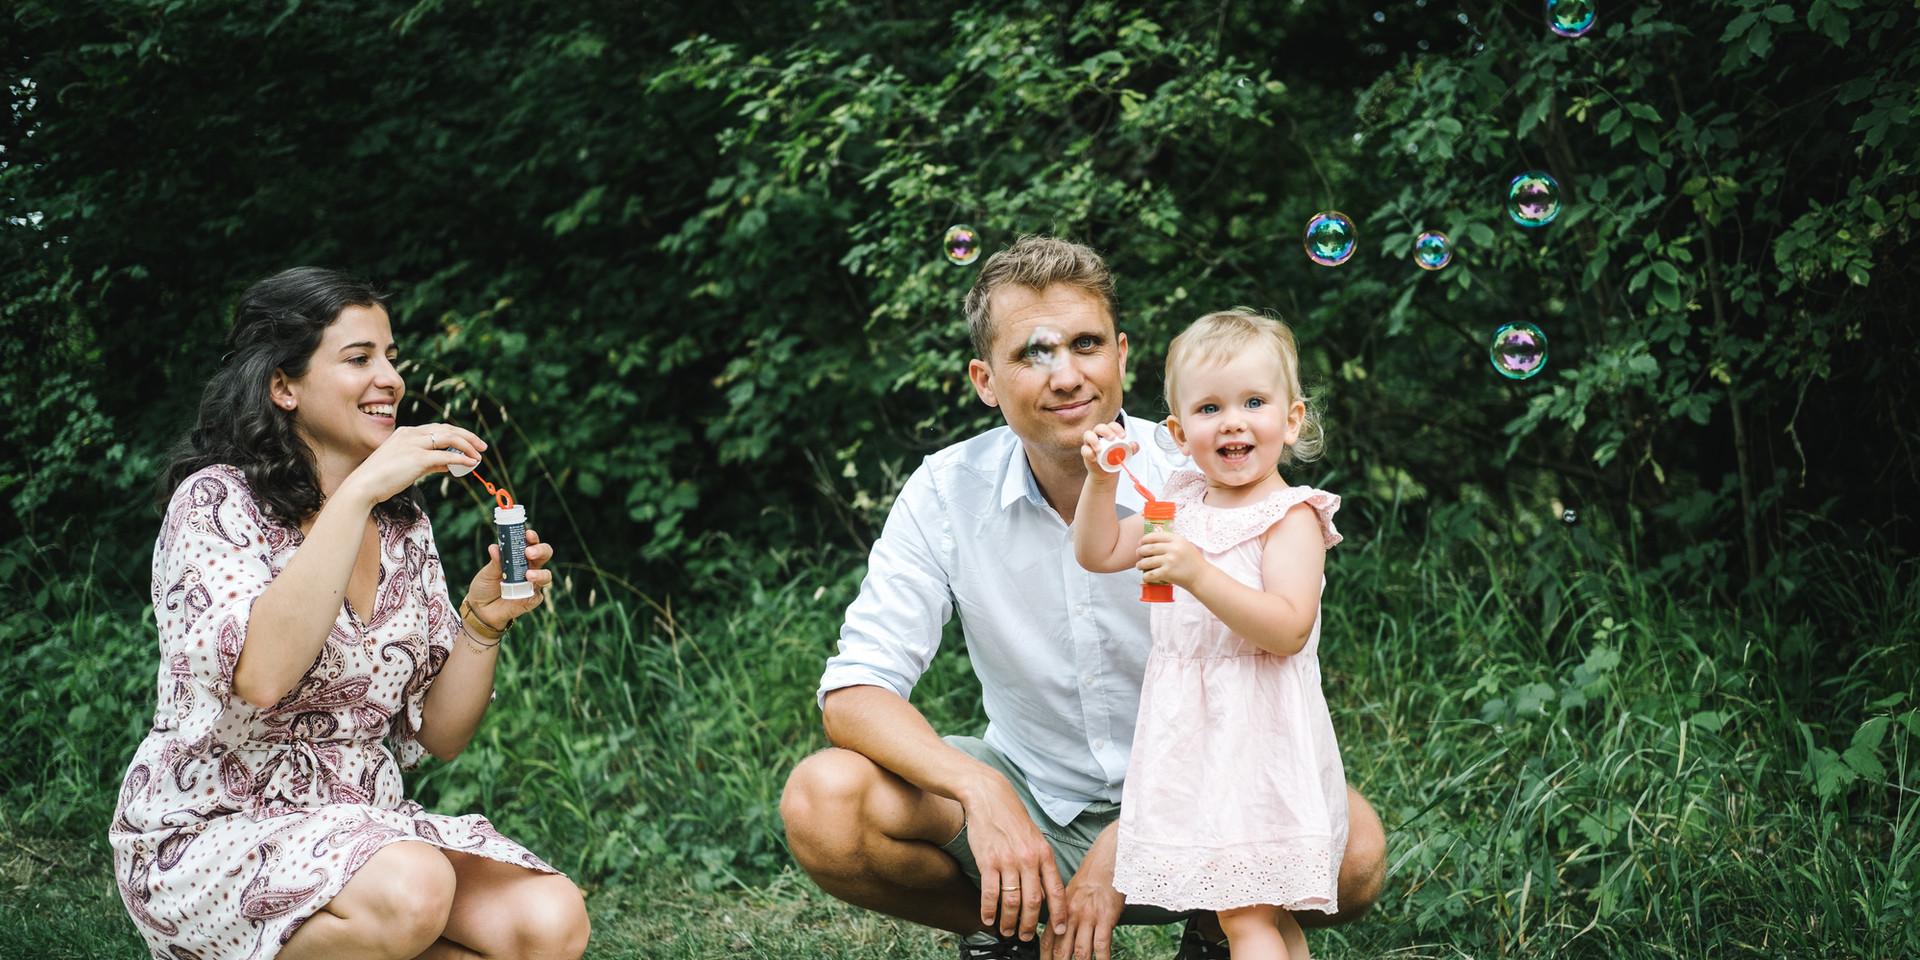 Familienfotograf in Wien, Familienfotoshooting Wien, Outdoor, Fotograf Tulln, Klosterneuburg